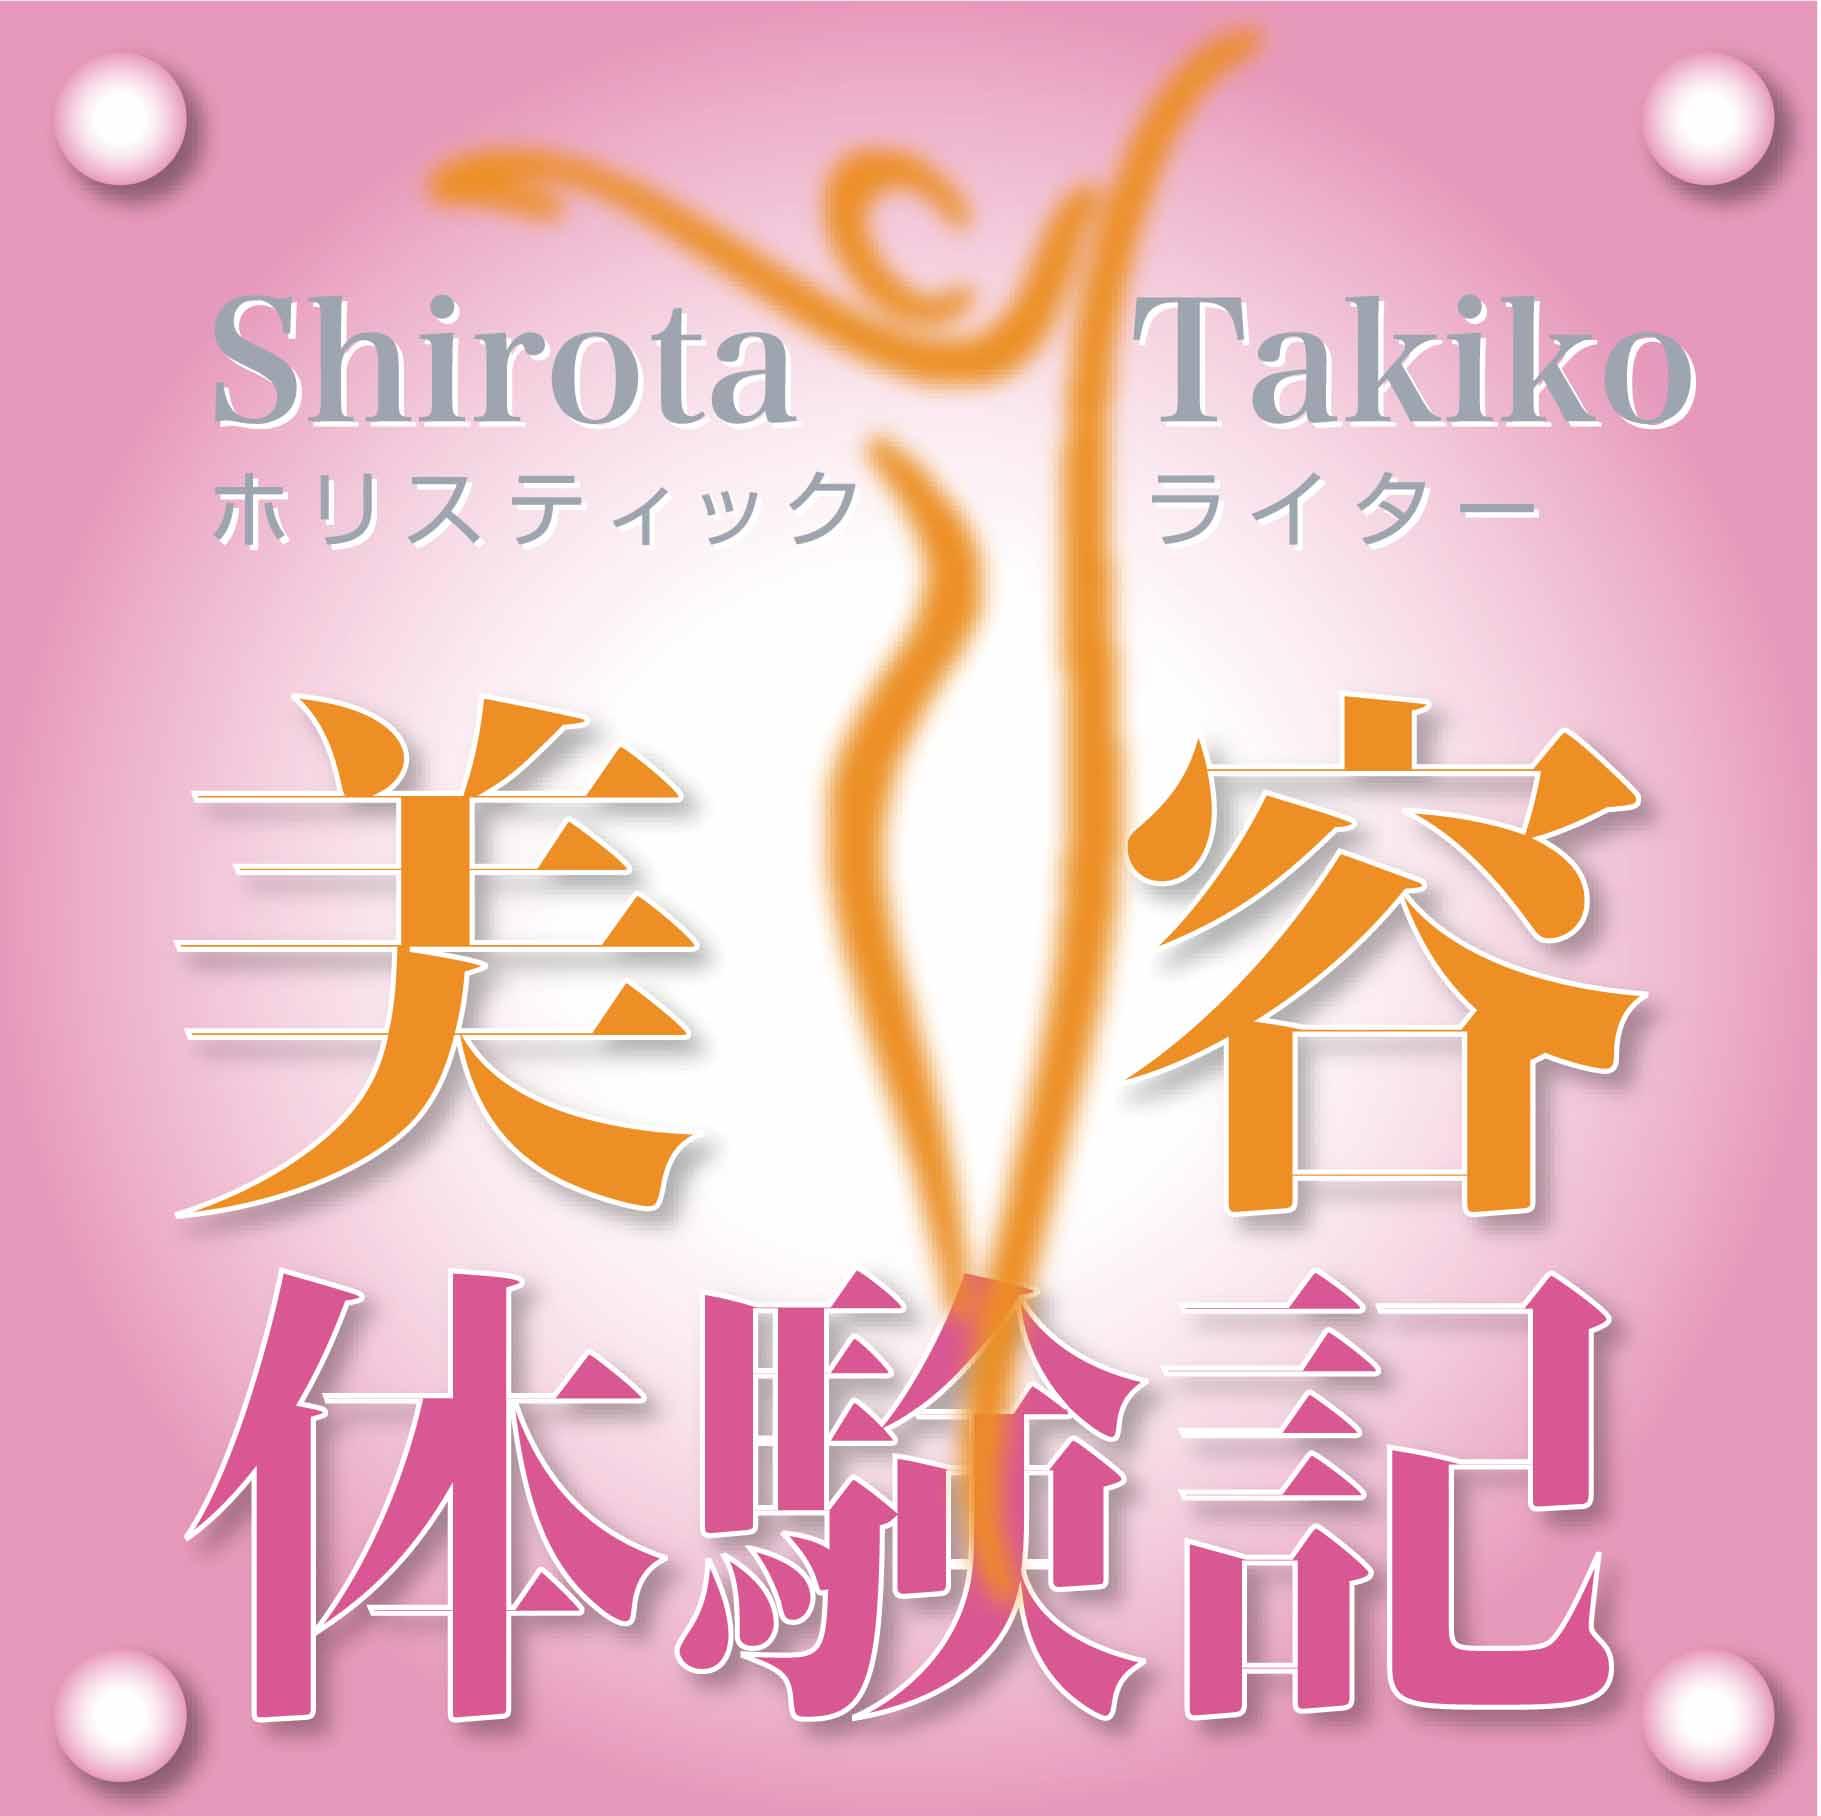 本紙ライター代田多喜子の美容体験記1「プラズマ美容体験」